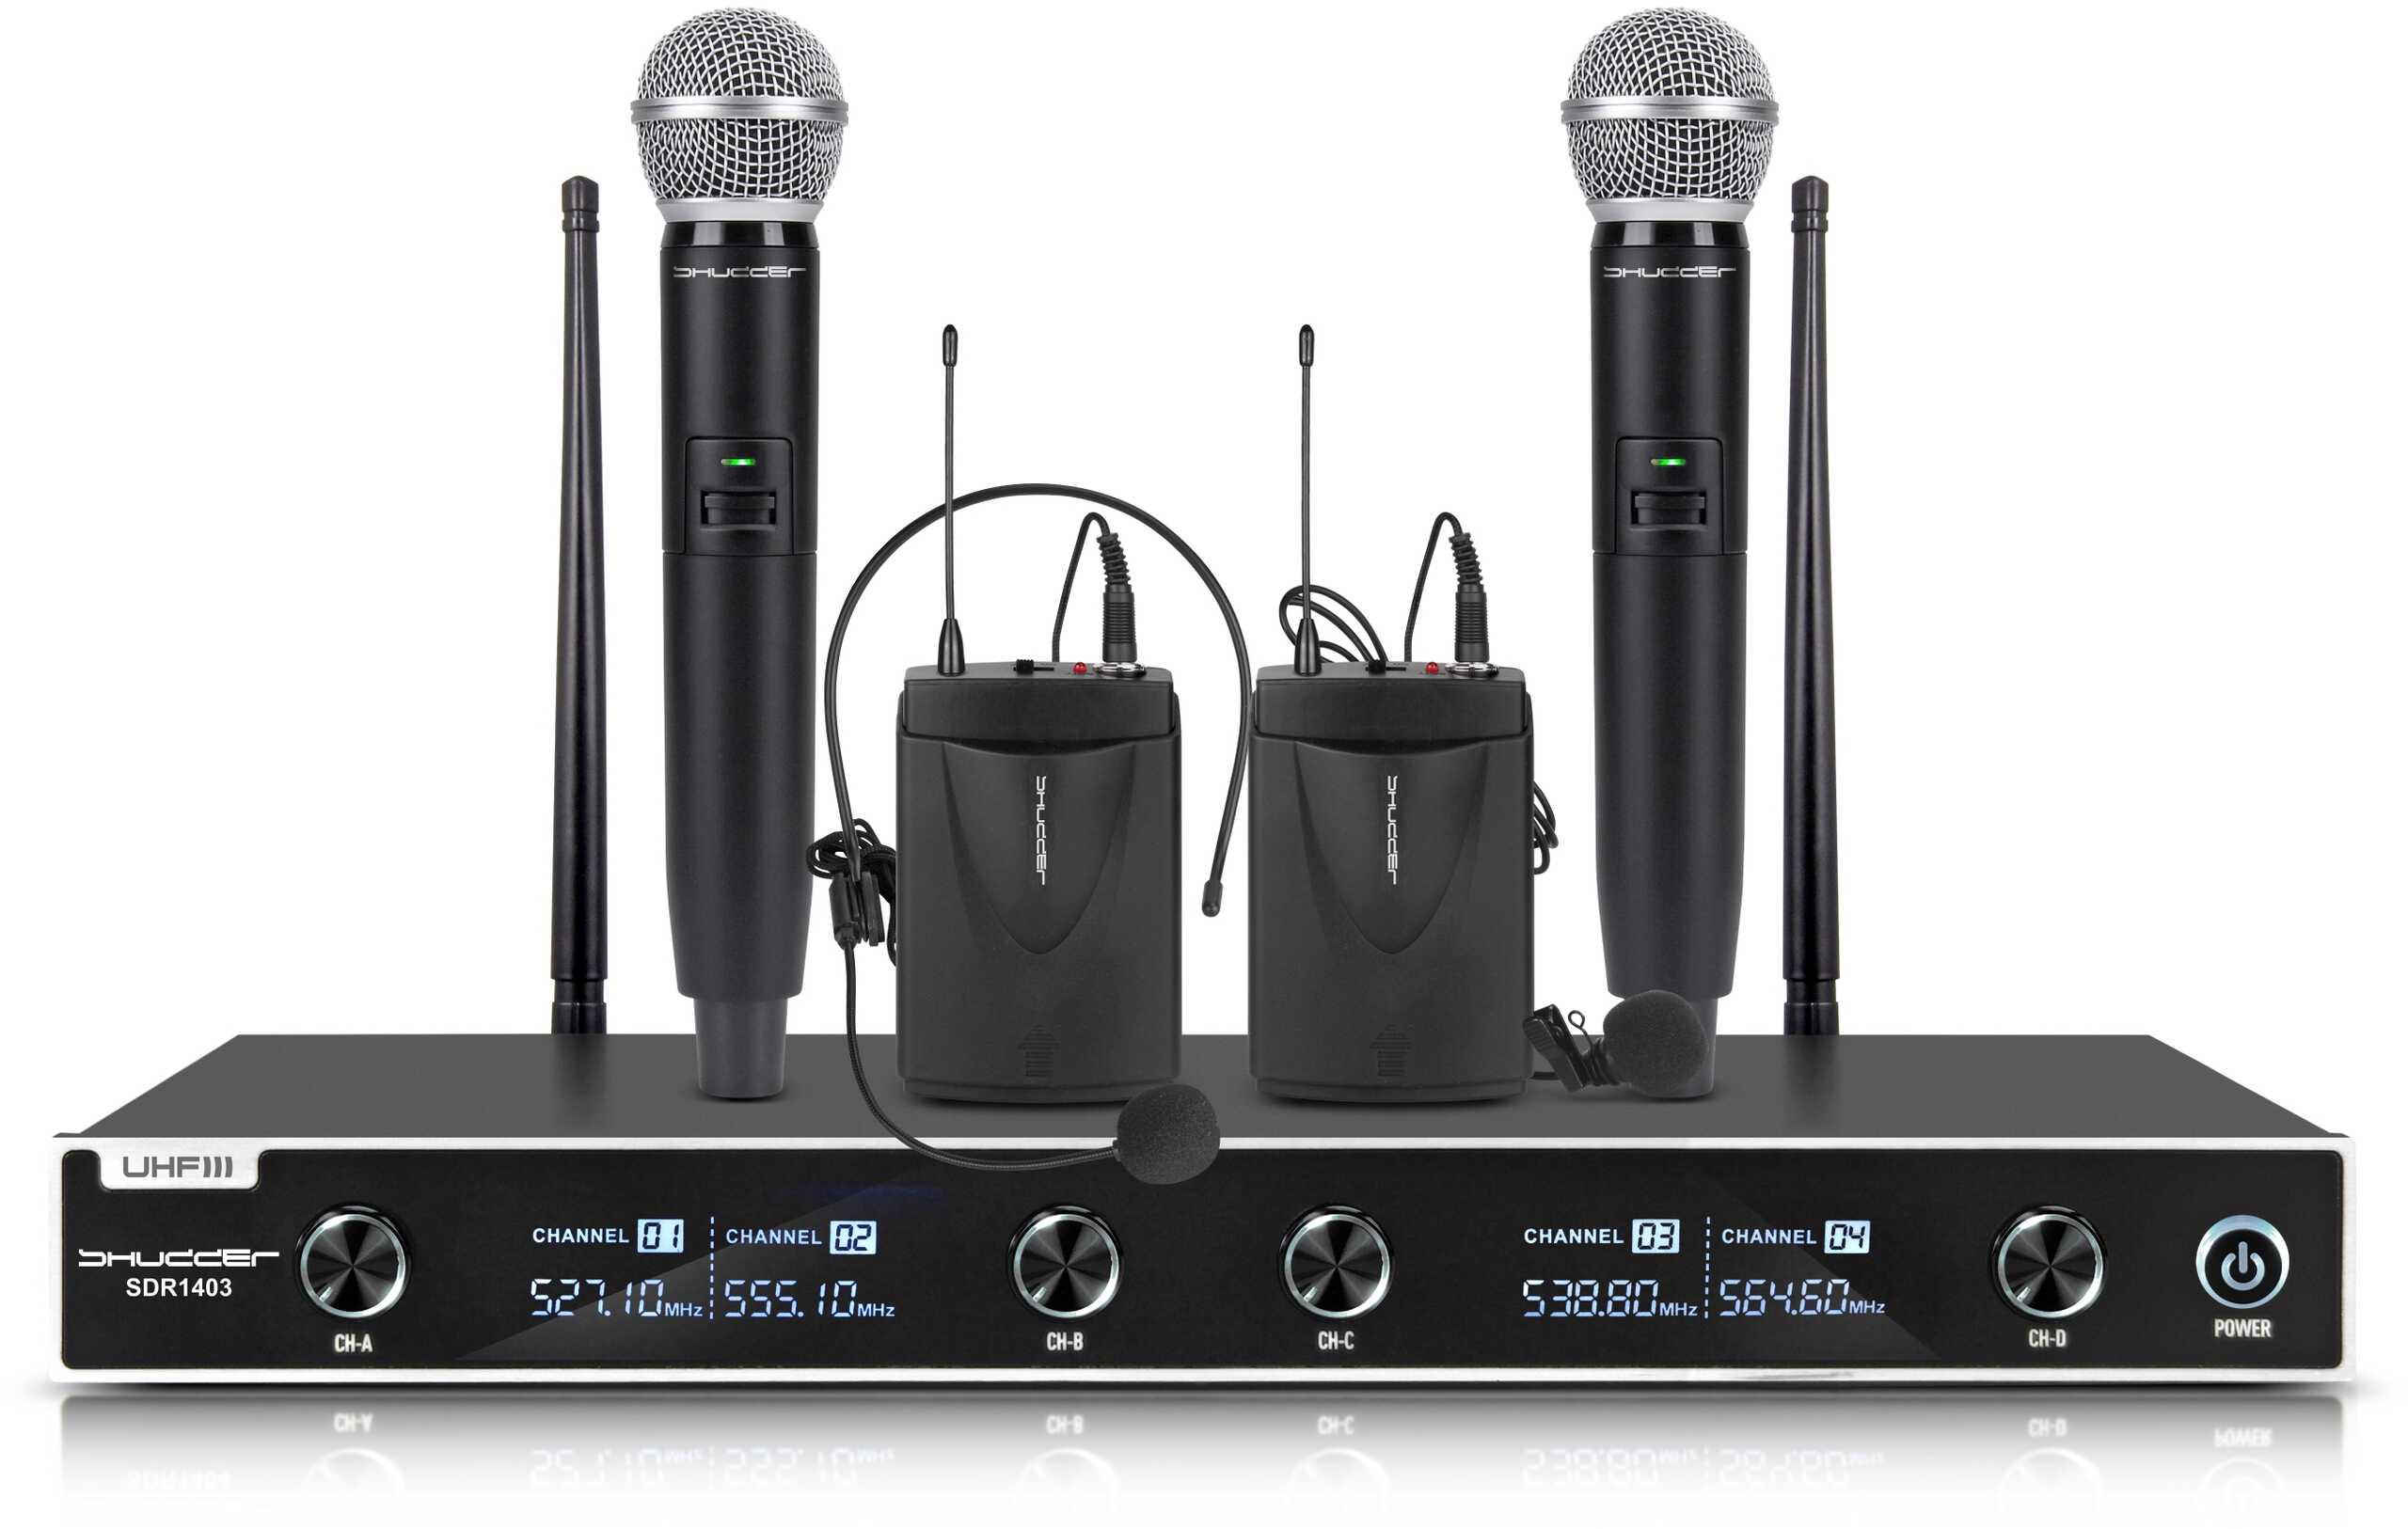 Mikrofony bezprzewodowe Shudder UHF 2głowa+2ręka